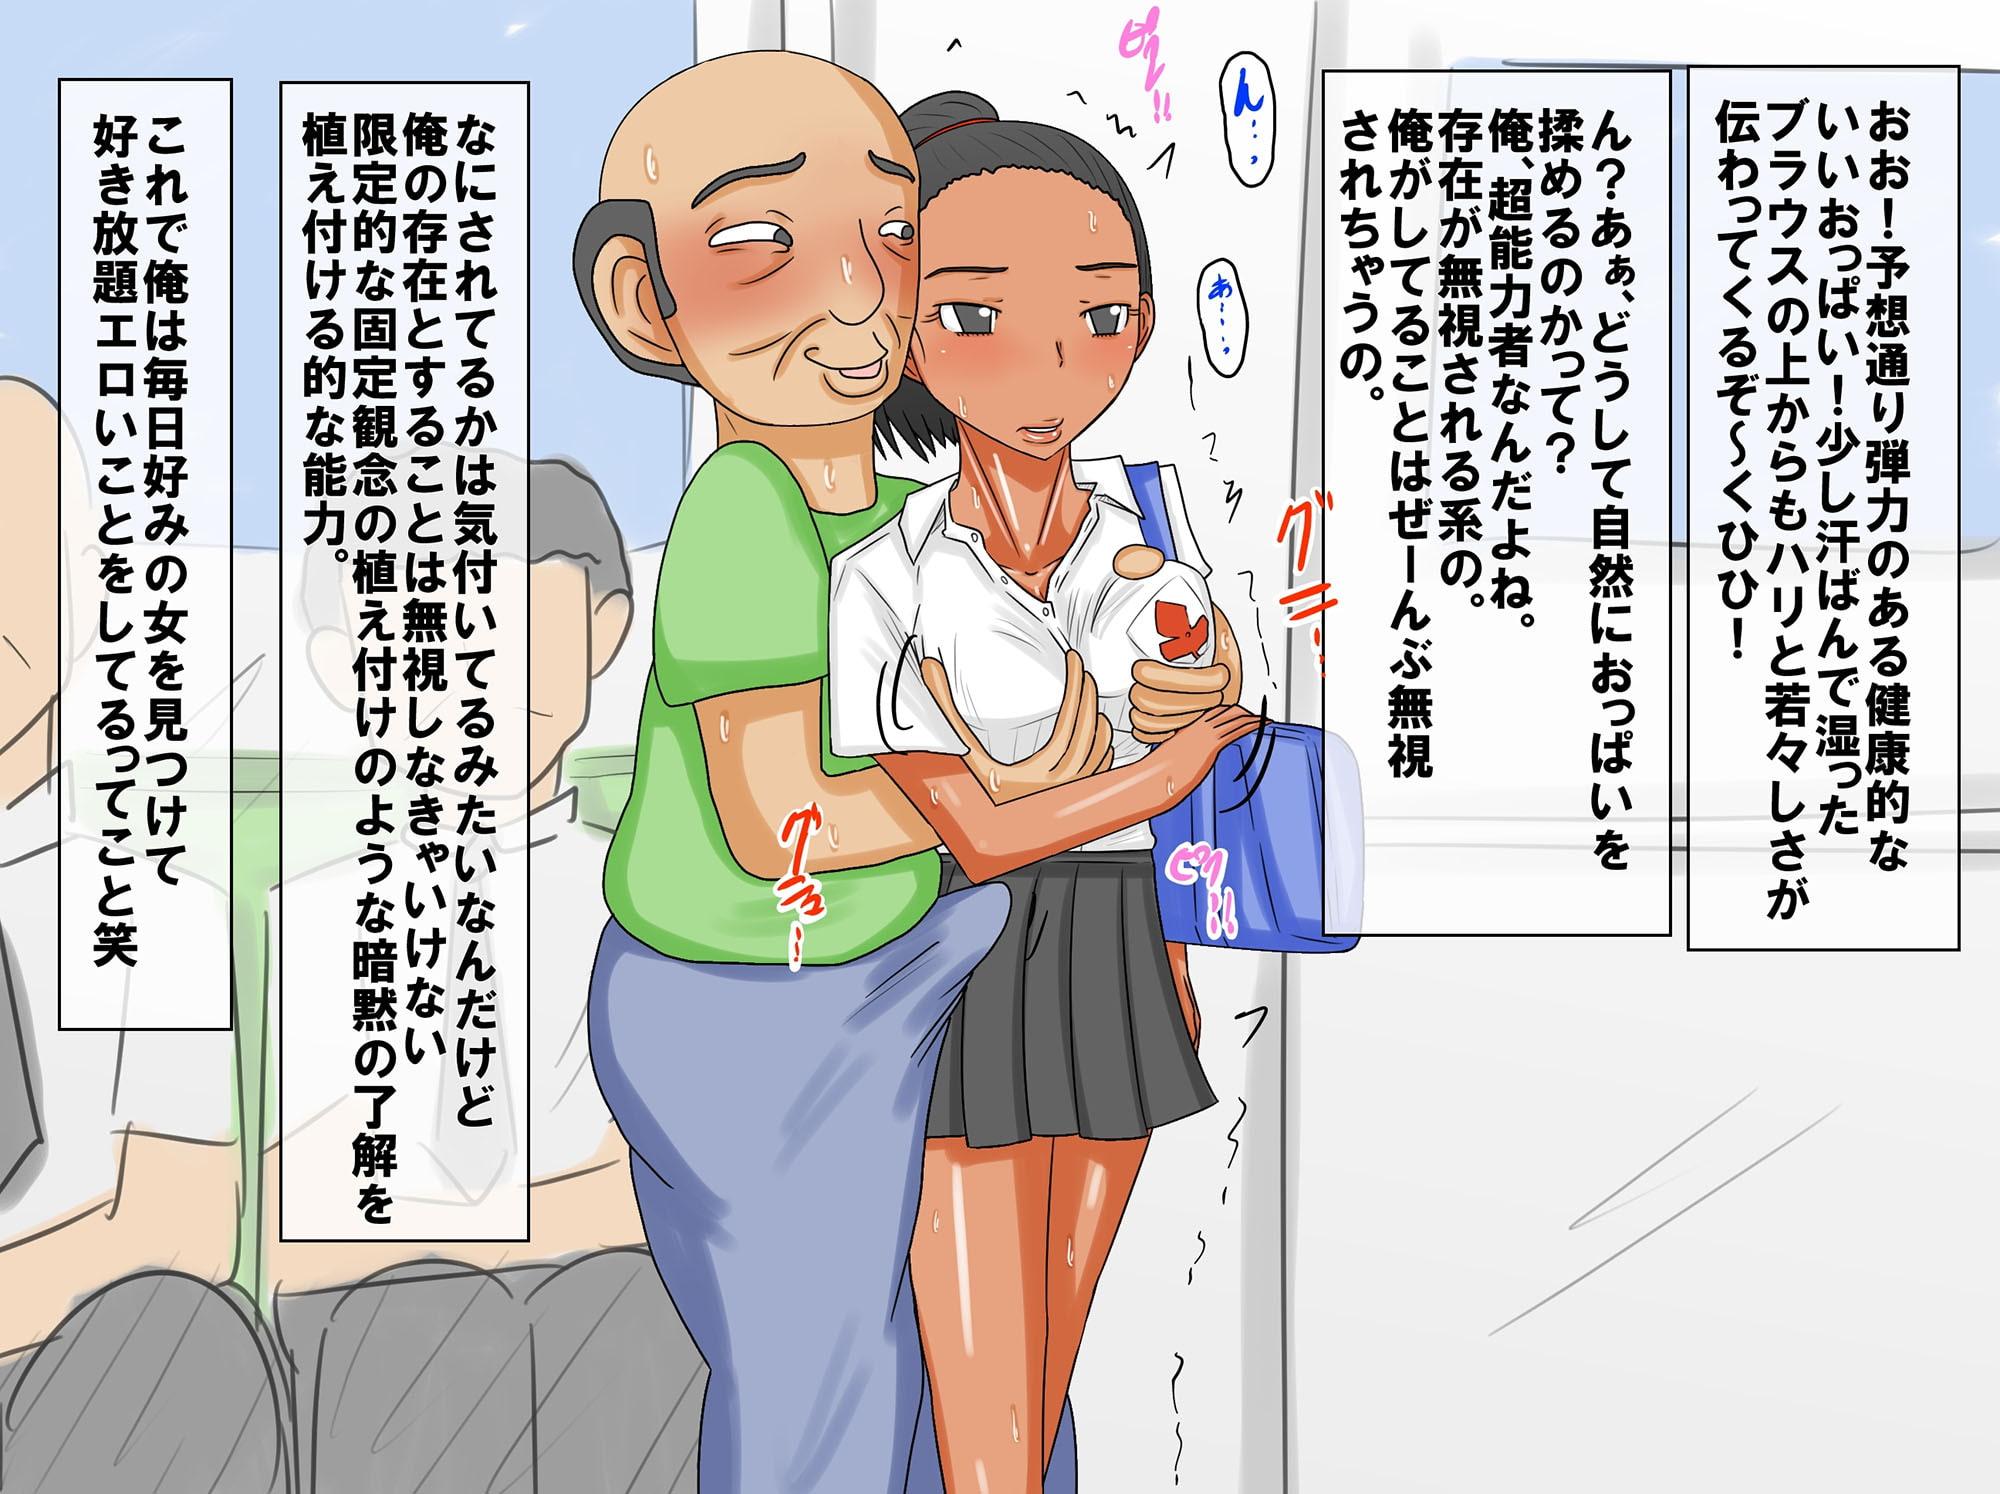 日常ブレイカーおじさん~休日の電車に現れる~